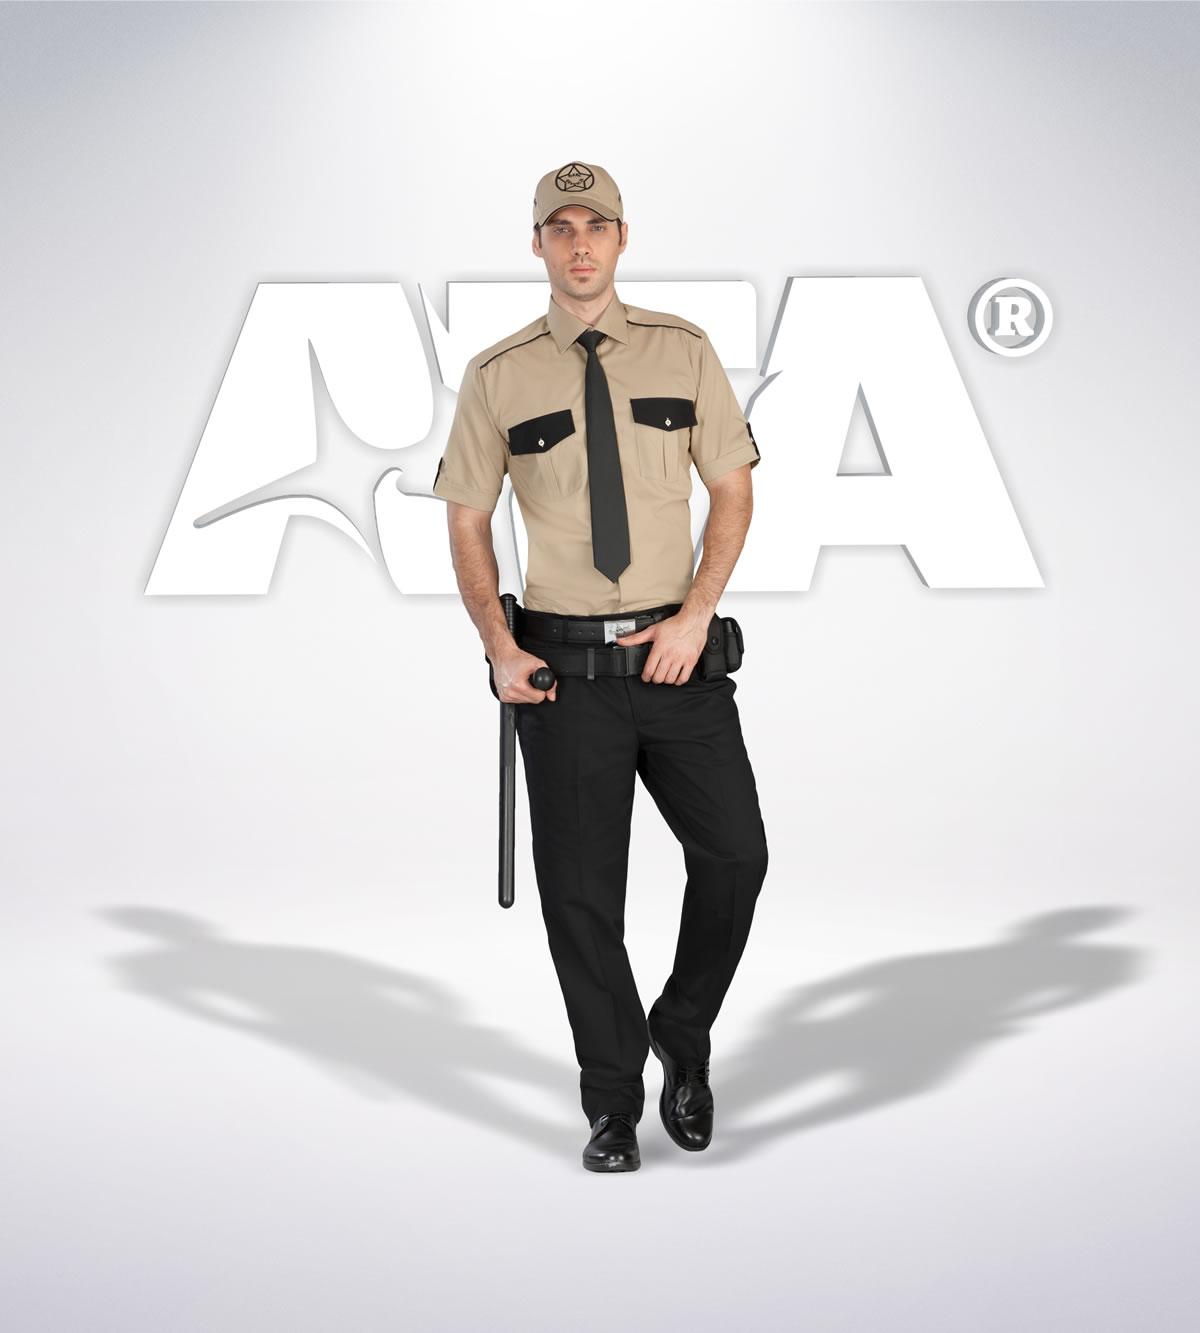 ATA 126 - Pantolon yazlık - gömlek yazlık-kışlık - aksesuar - güvenlik elbiseleri | güvenlik üniformaları | güvenlik kıyafetleri